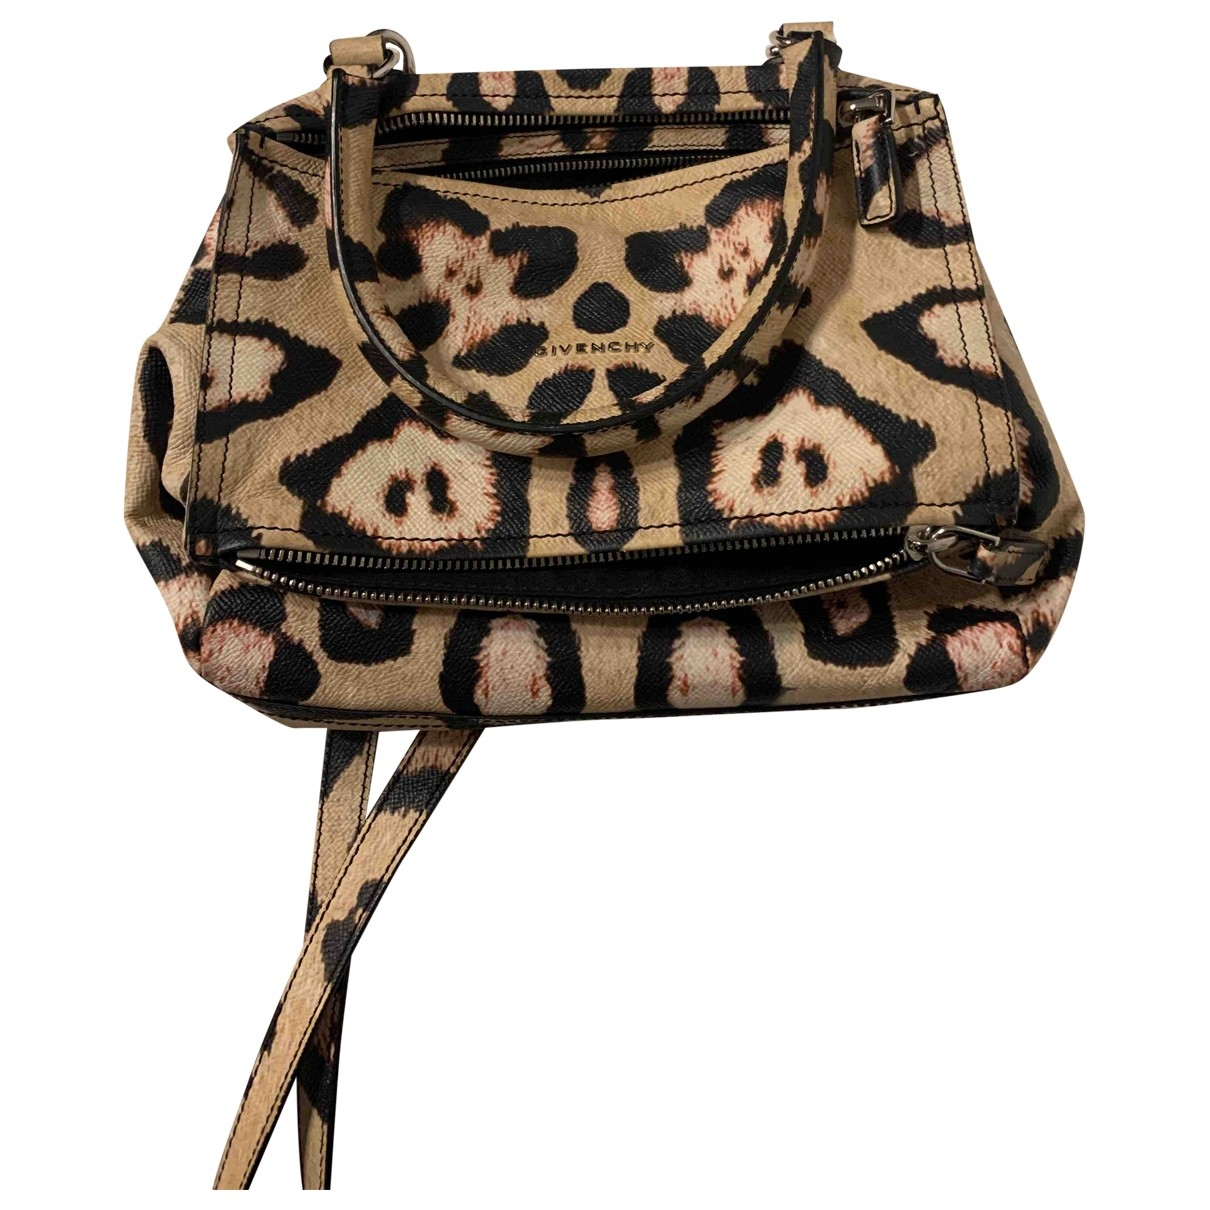 Givenchy - Sac a main Pandora pour femme en cuir - beige